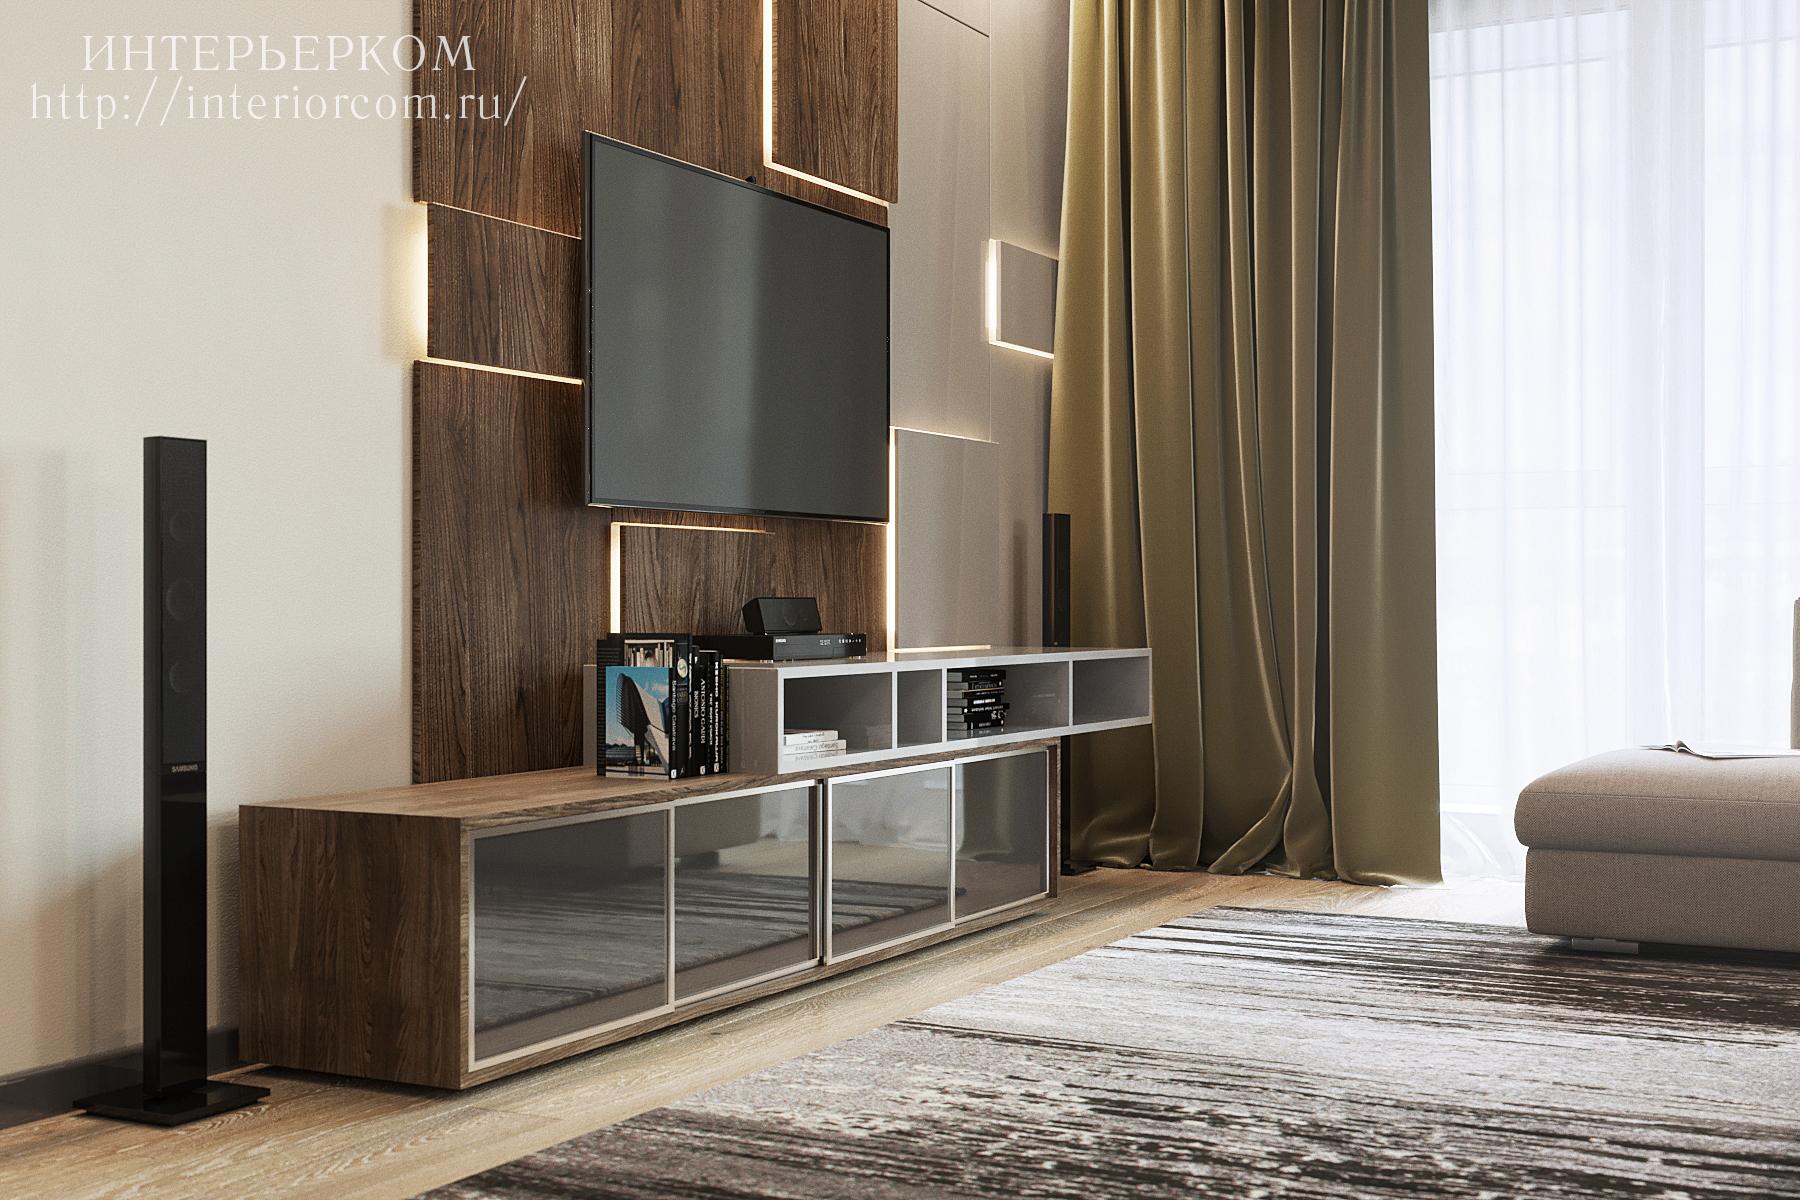 оформление зоны ТВ в проекте четырехкомнатной квартиры